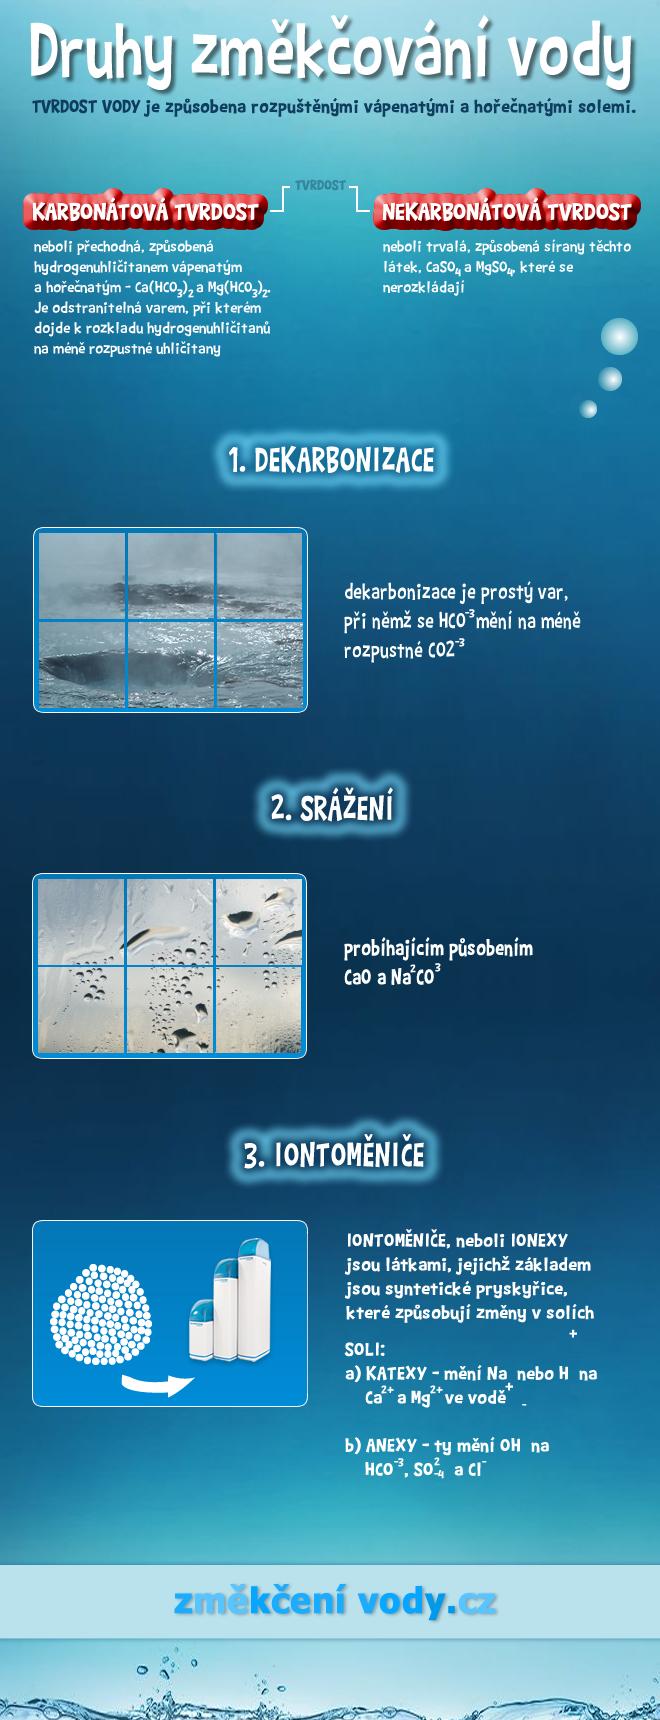 Druhy změkčování vody - infografika